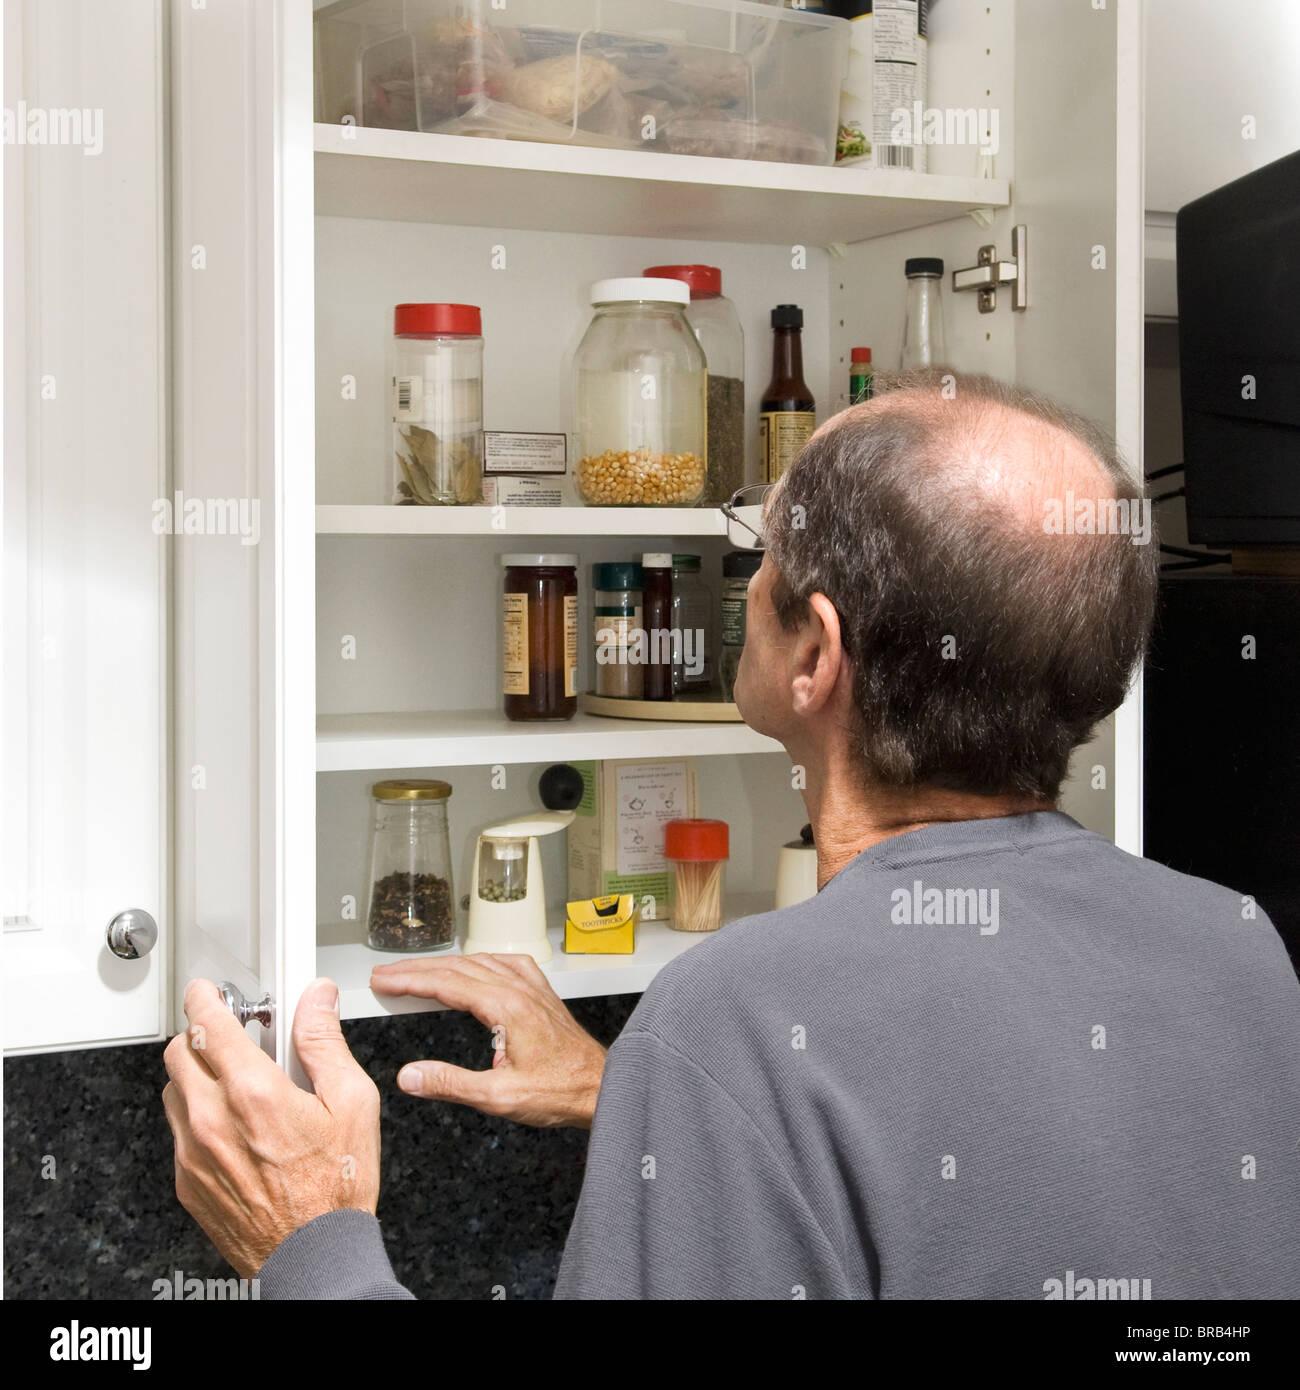 Mann stand vor Küchenschrank mit wenig Nahrung Stockbild